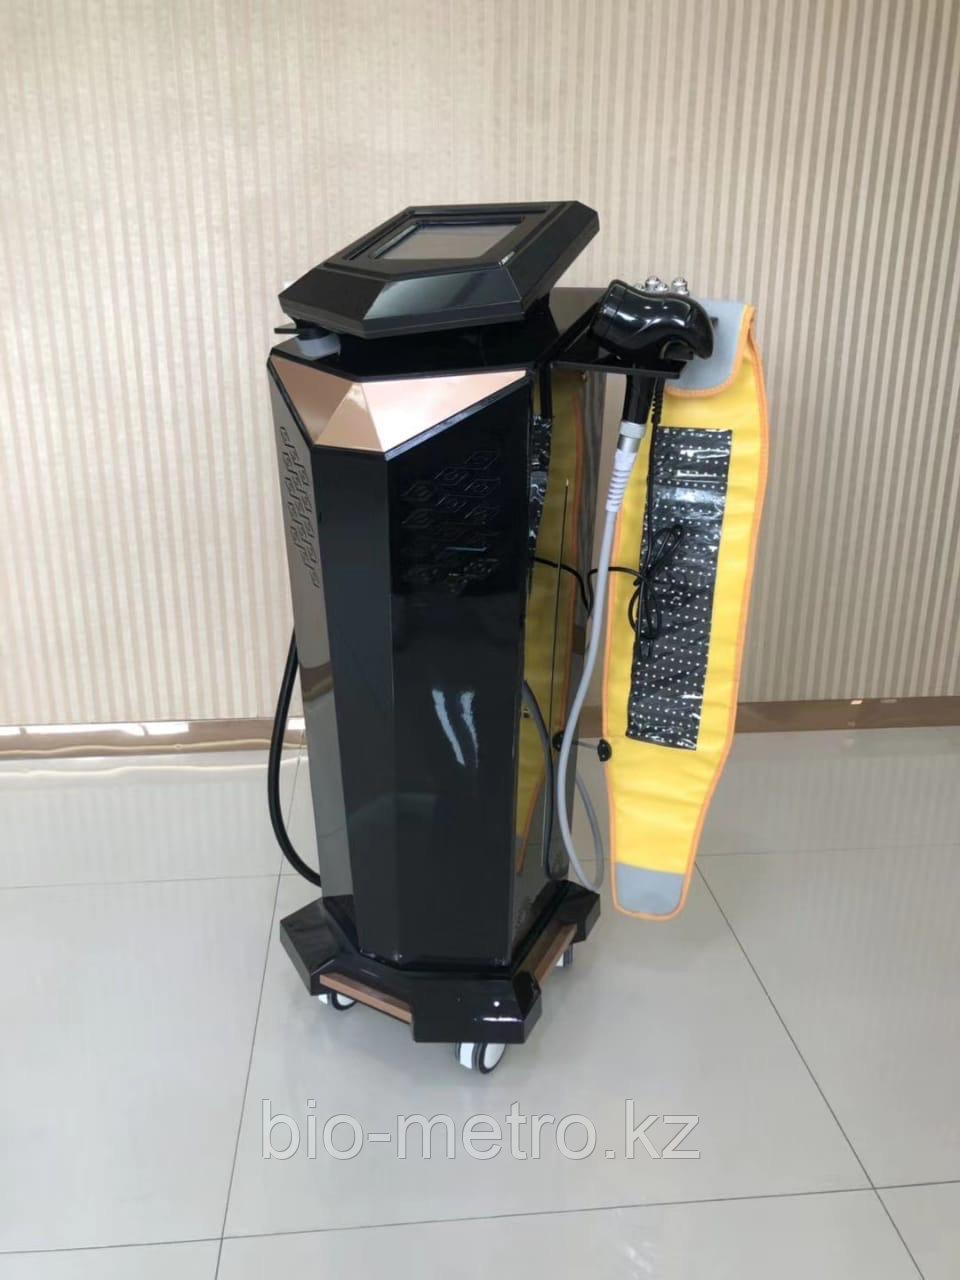 Аппарат MicroWave